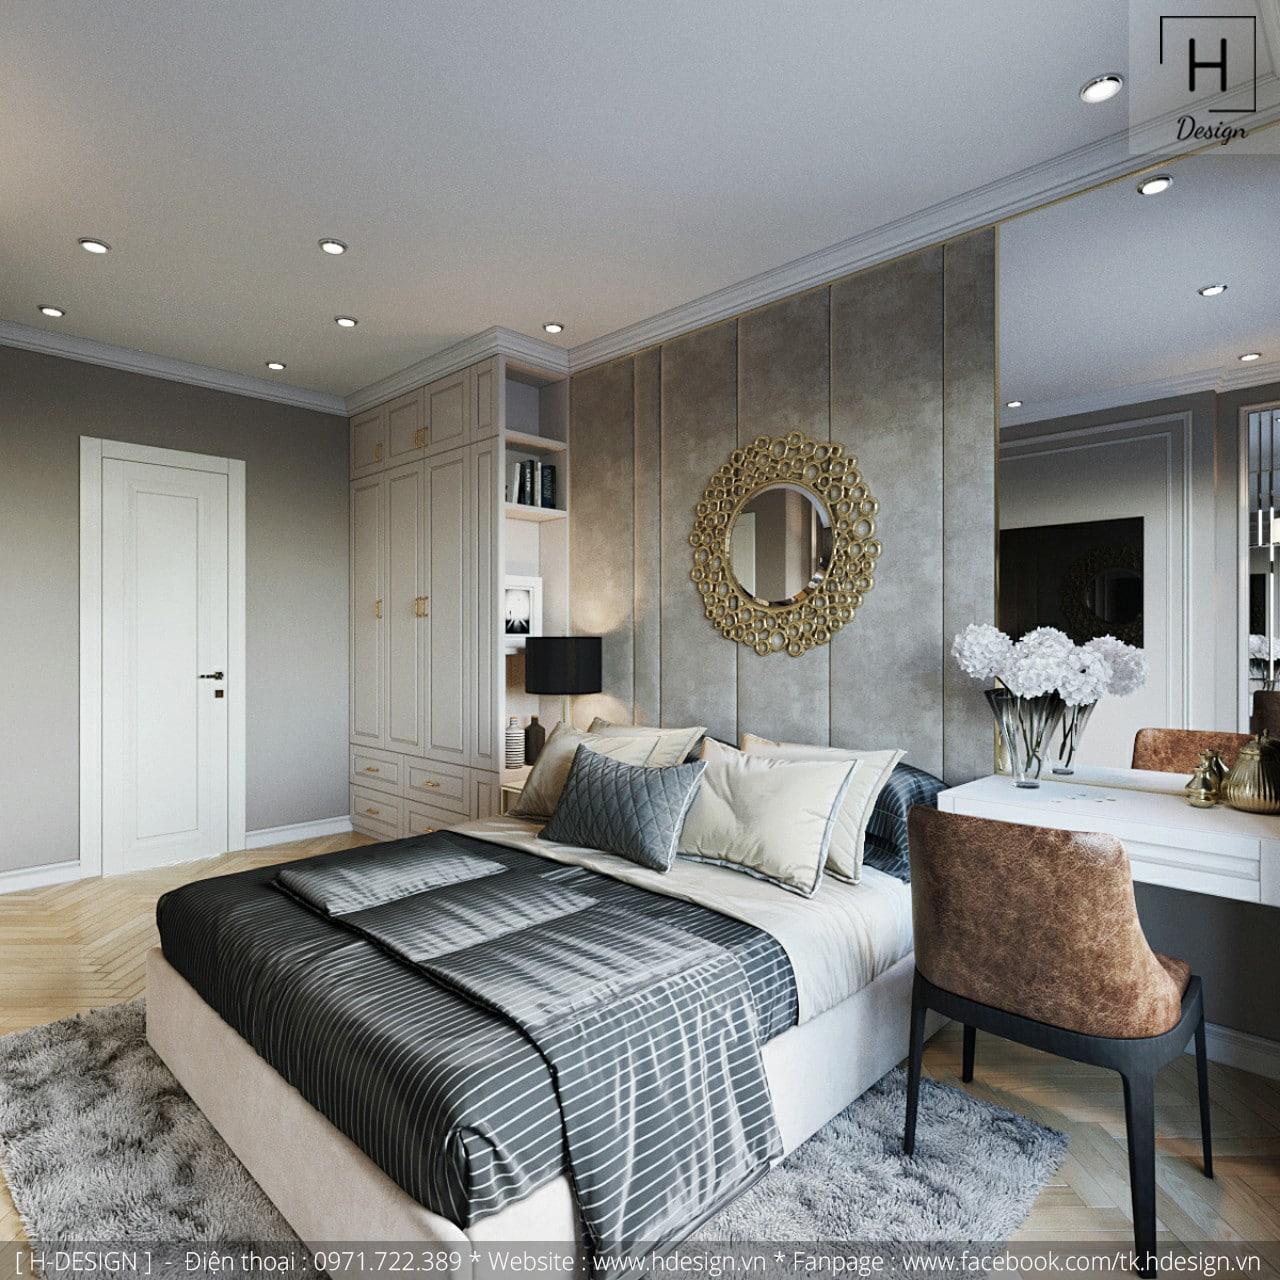 Thiết kế thi công nội thất chung cư Kosmo tại Hà Nội 5